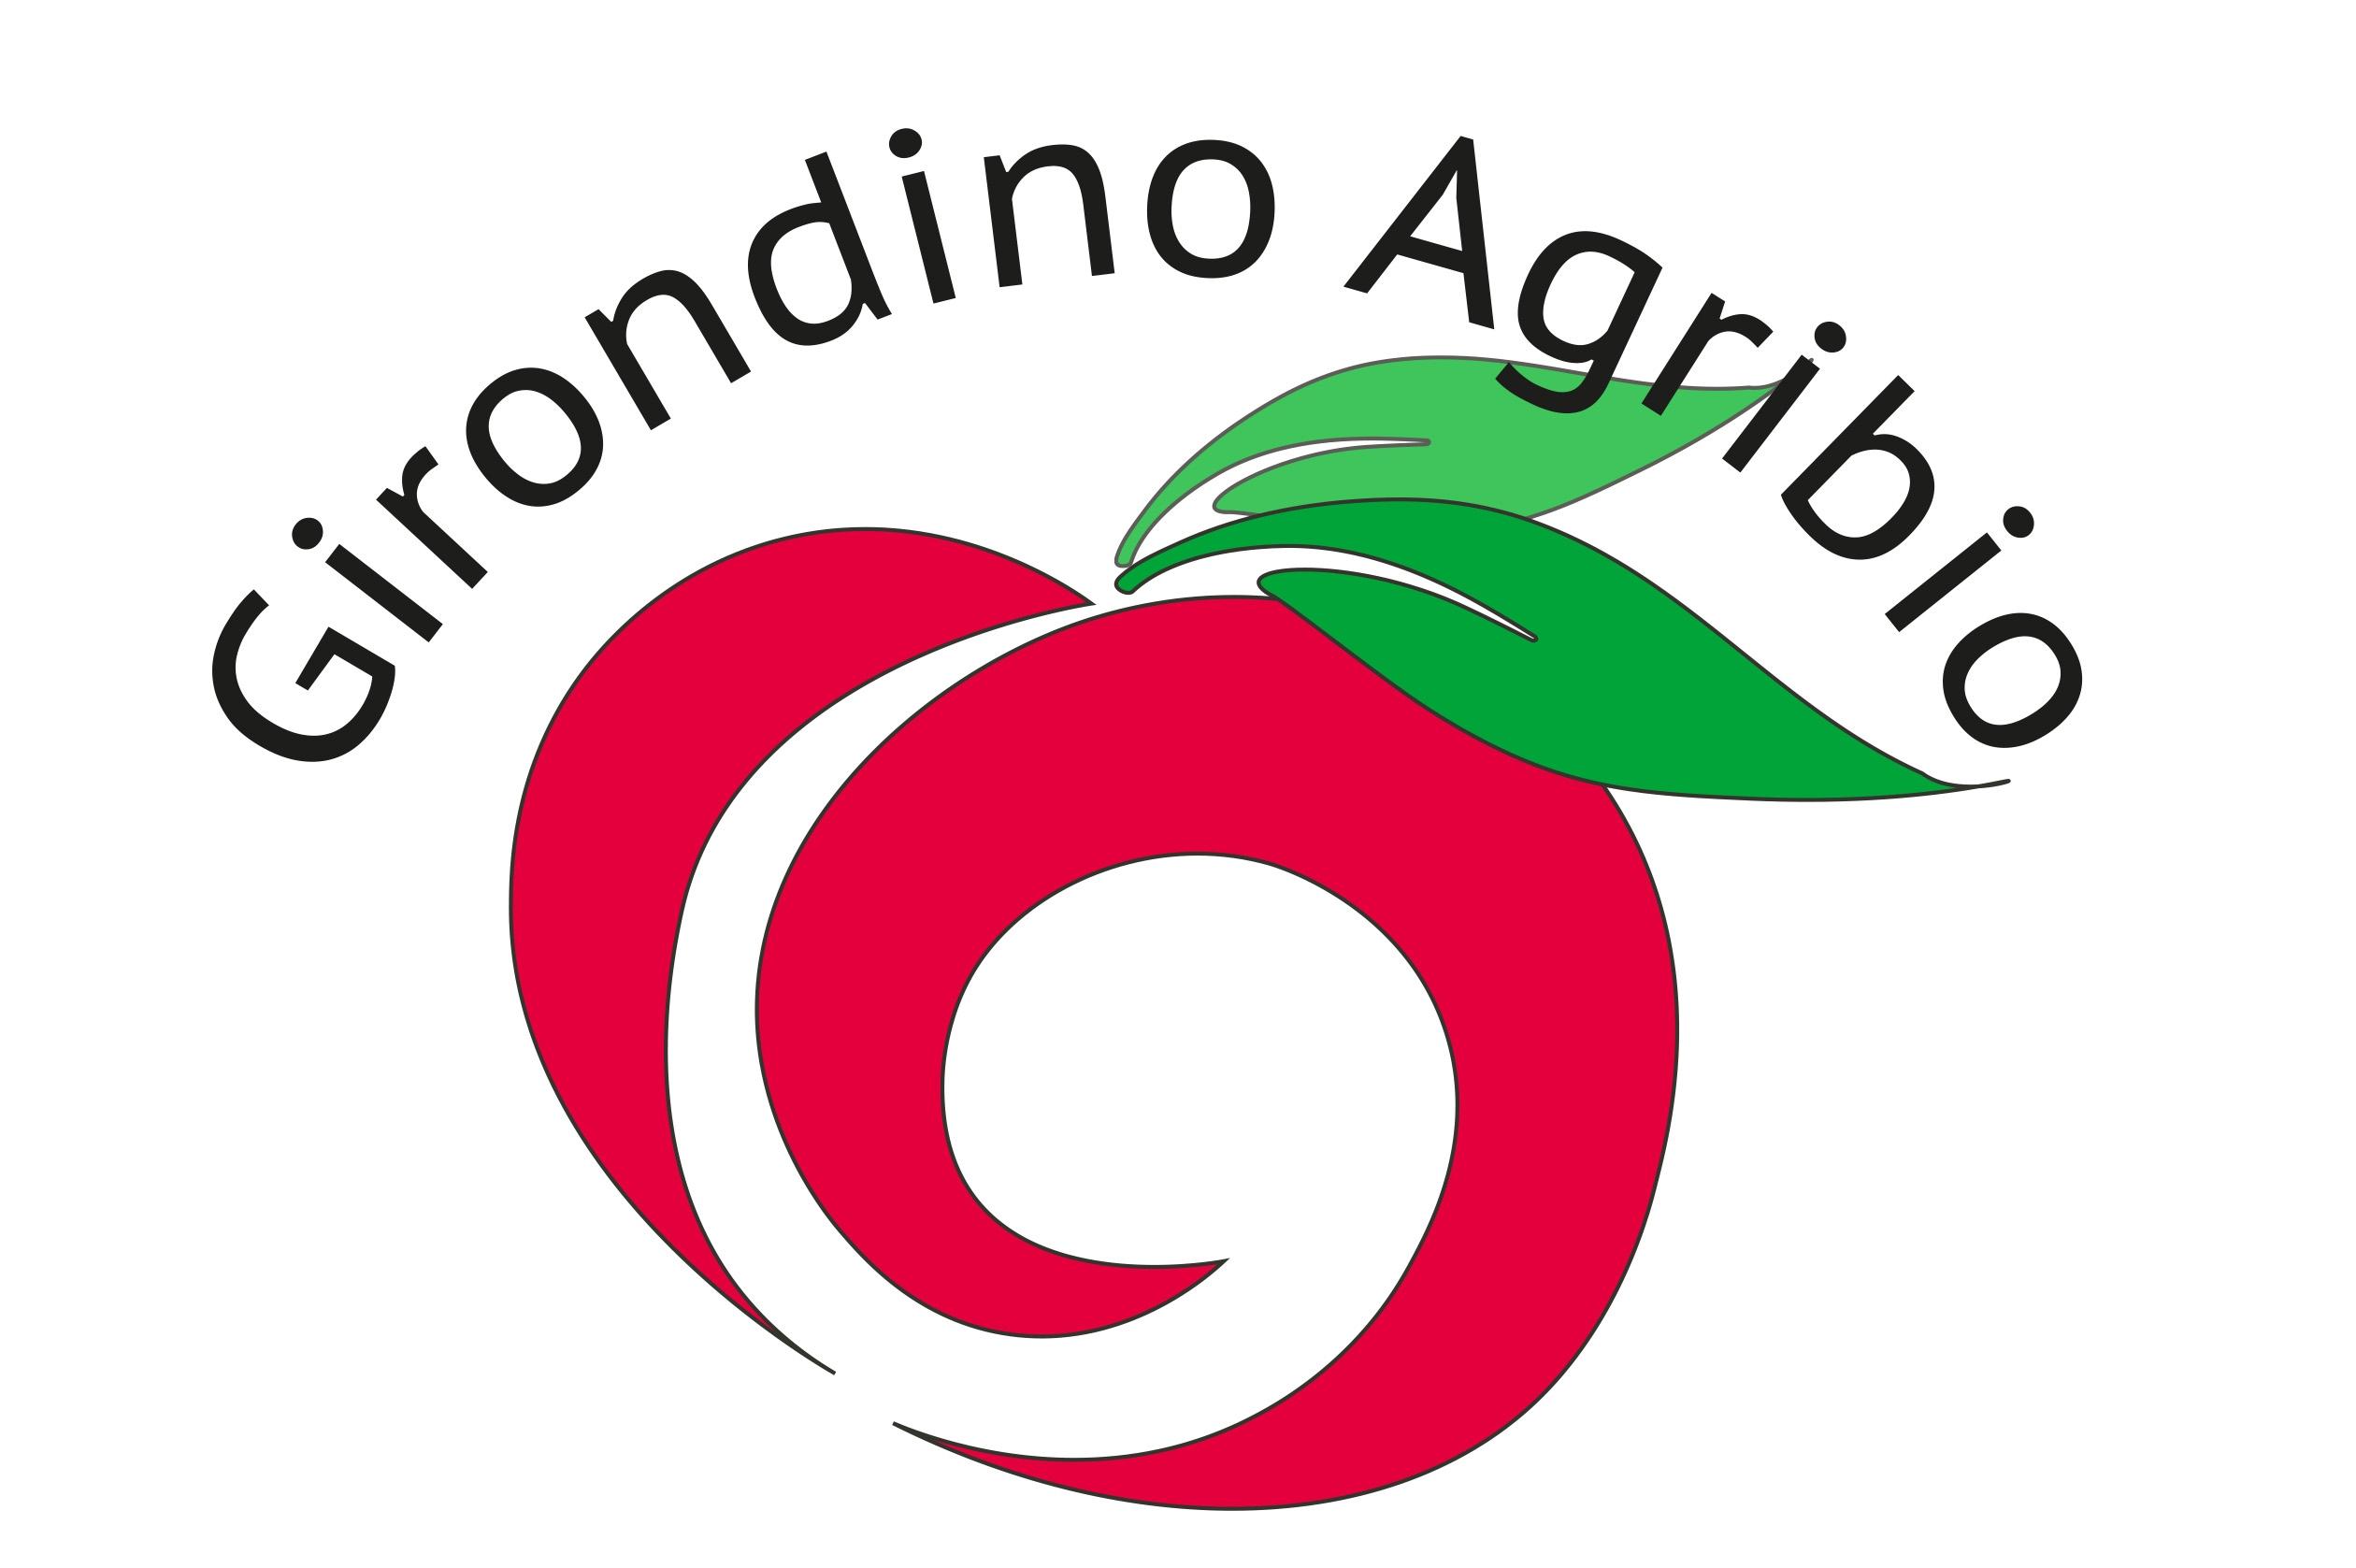 Girondino Agribio